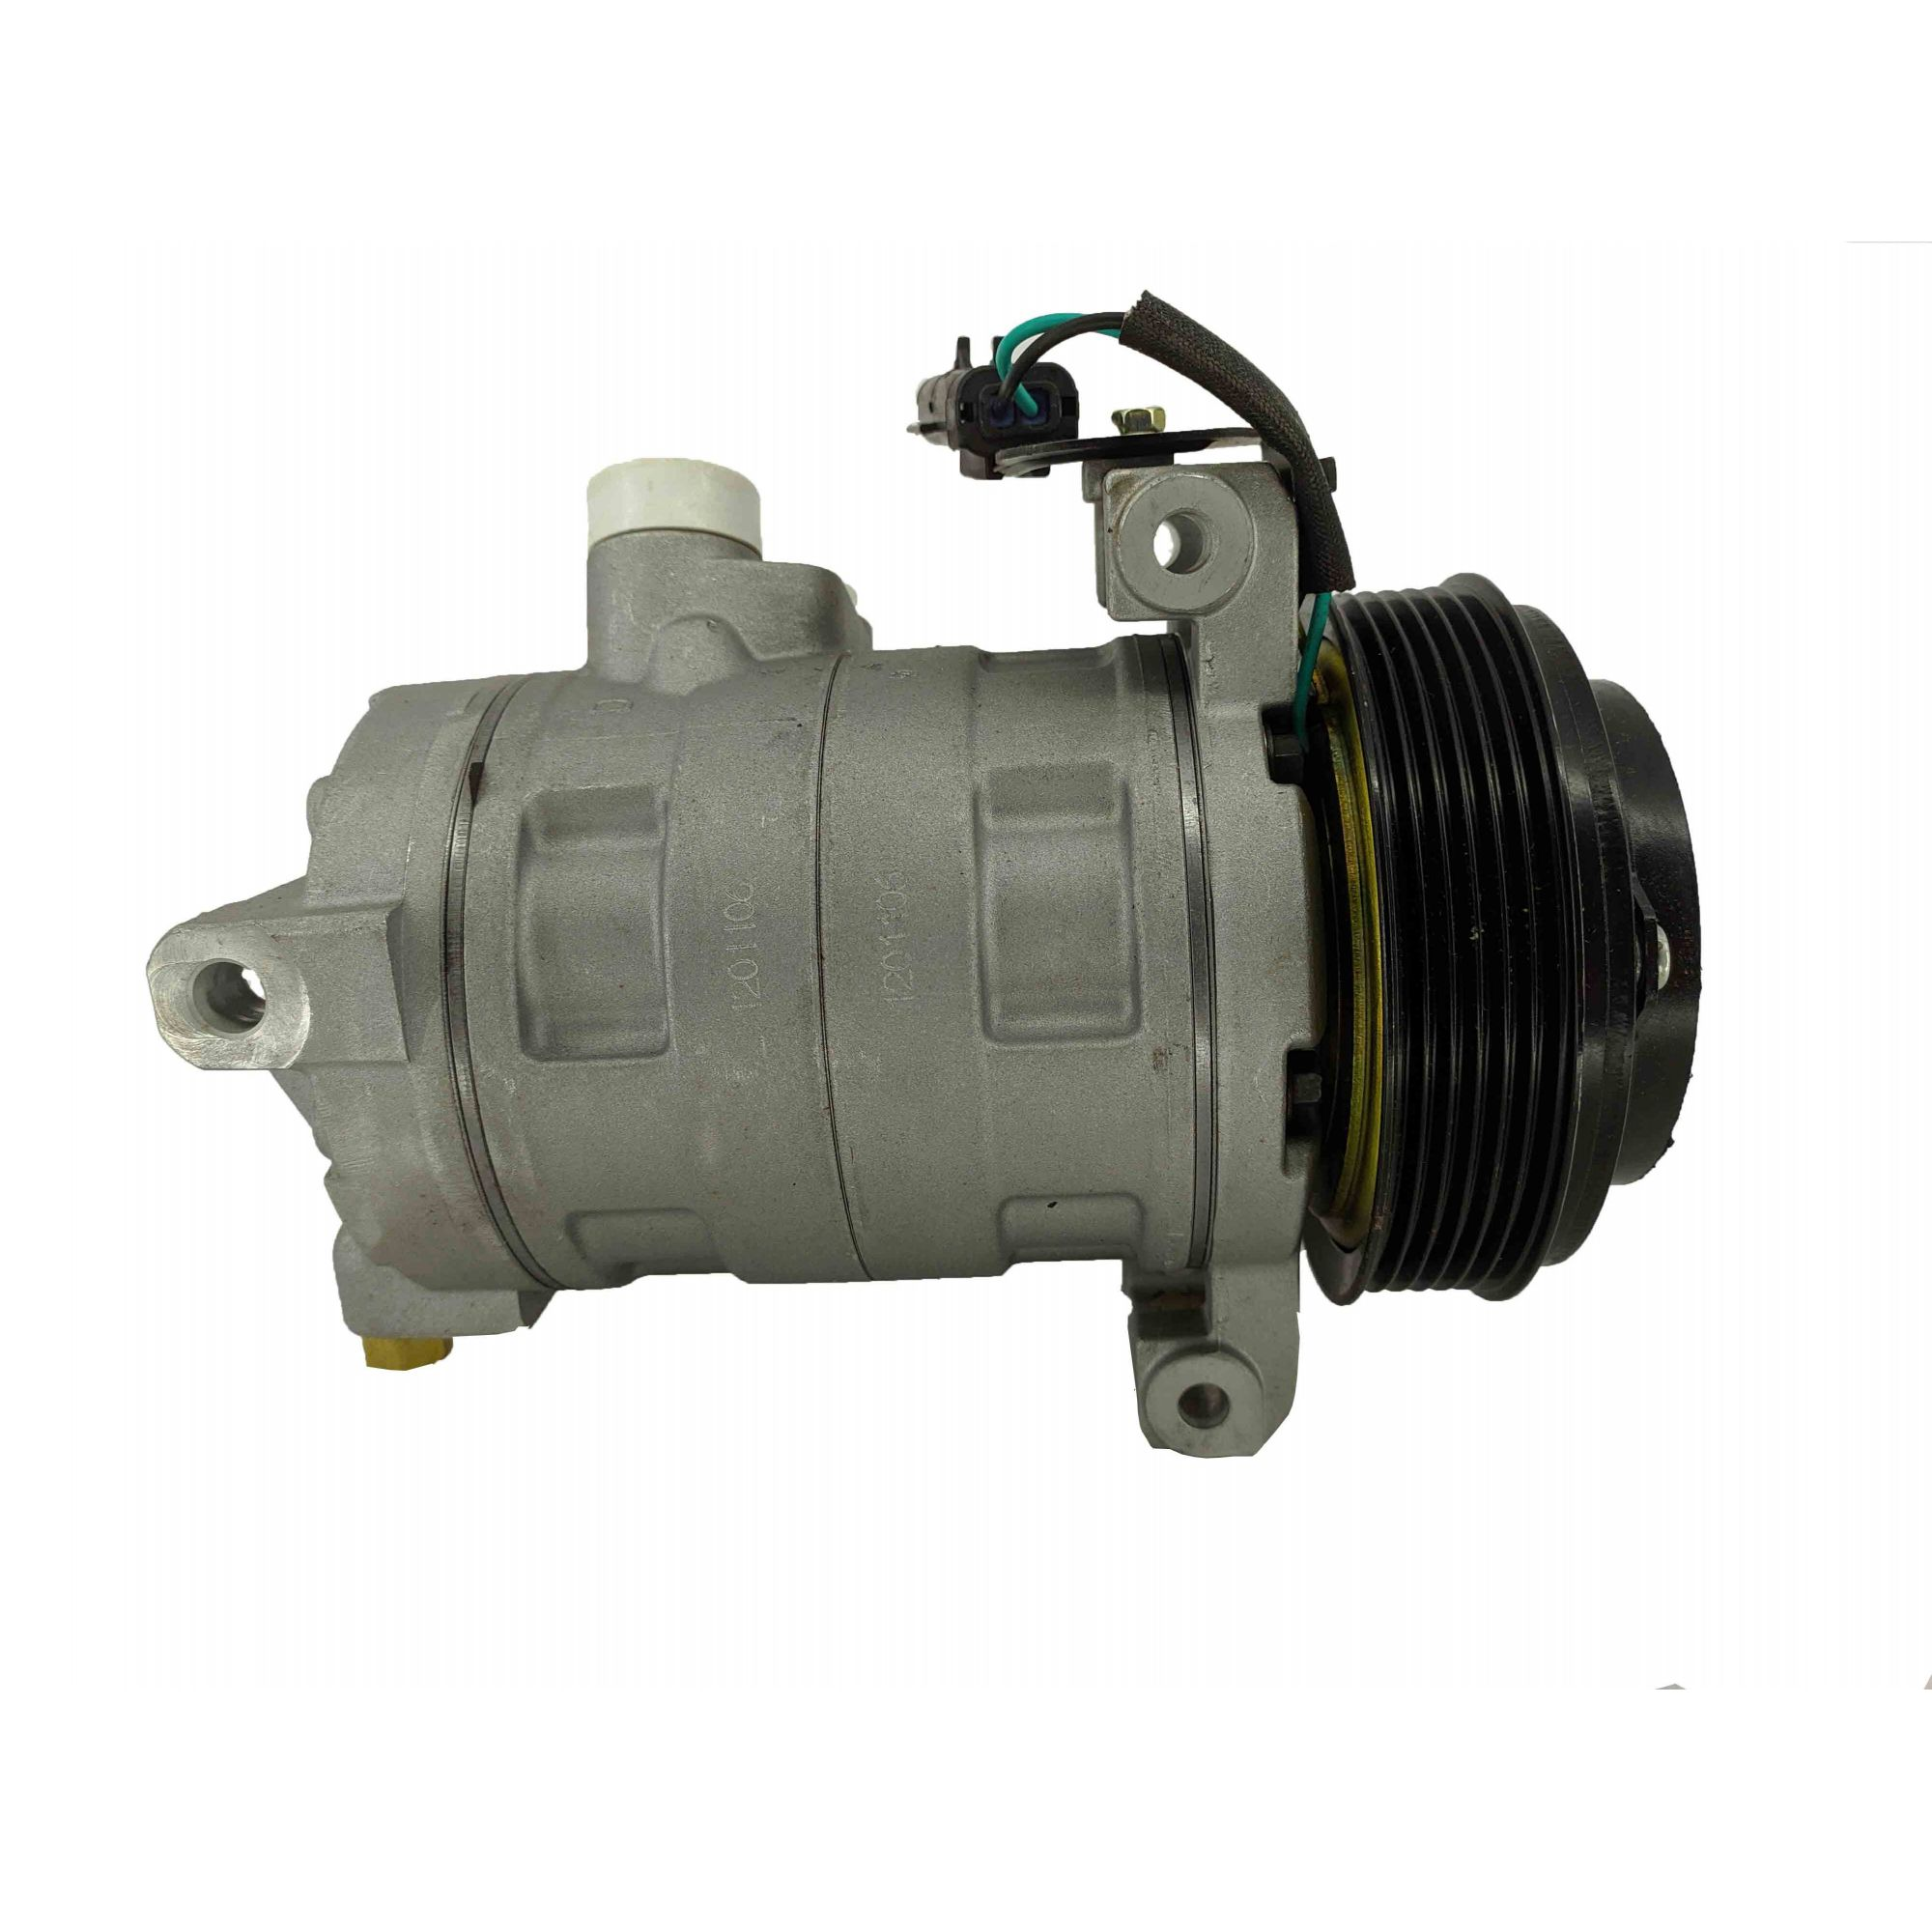 Compressor Chevrolet Captiva 2.2